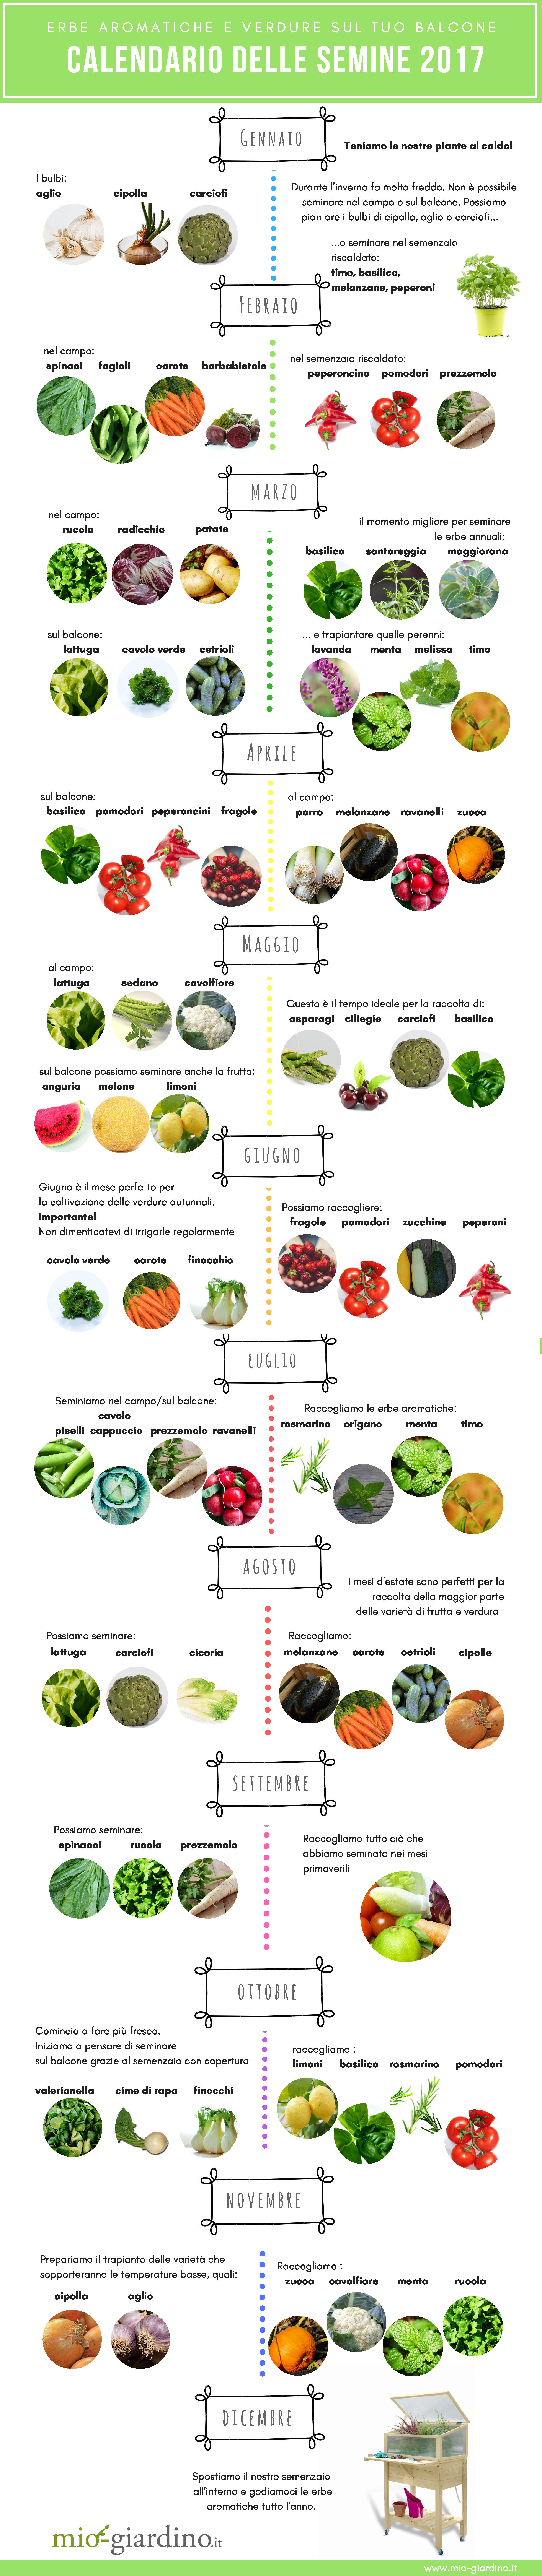 Non siete sicuri quando seminare e raccogliere le erbe aromatiche e le verdure? Vi aiutiamo con il calendario dell'orto.